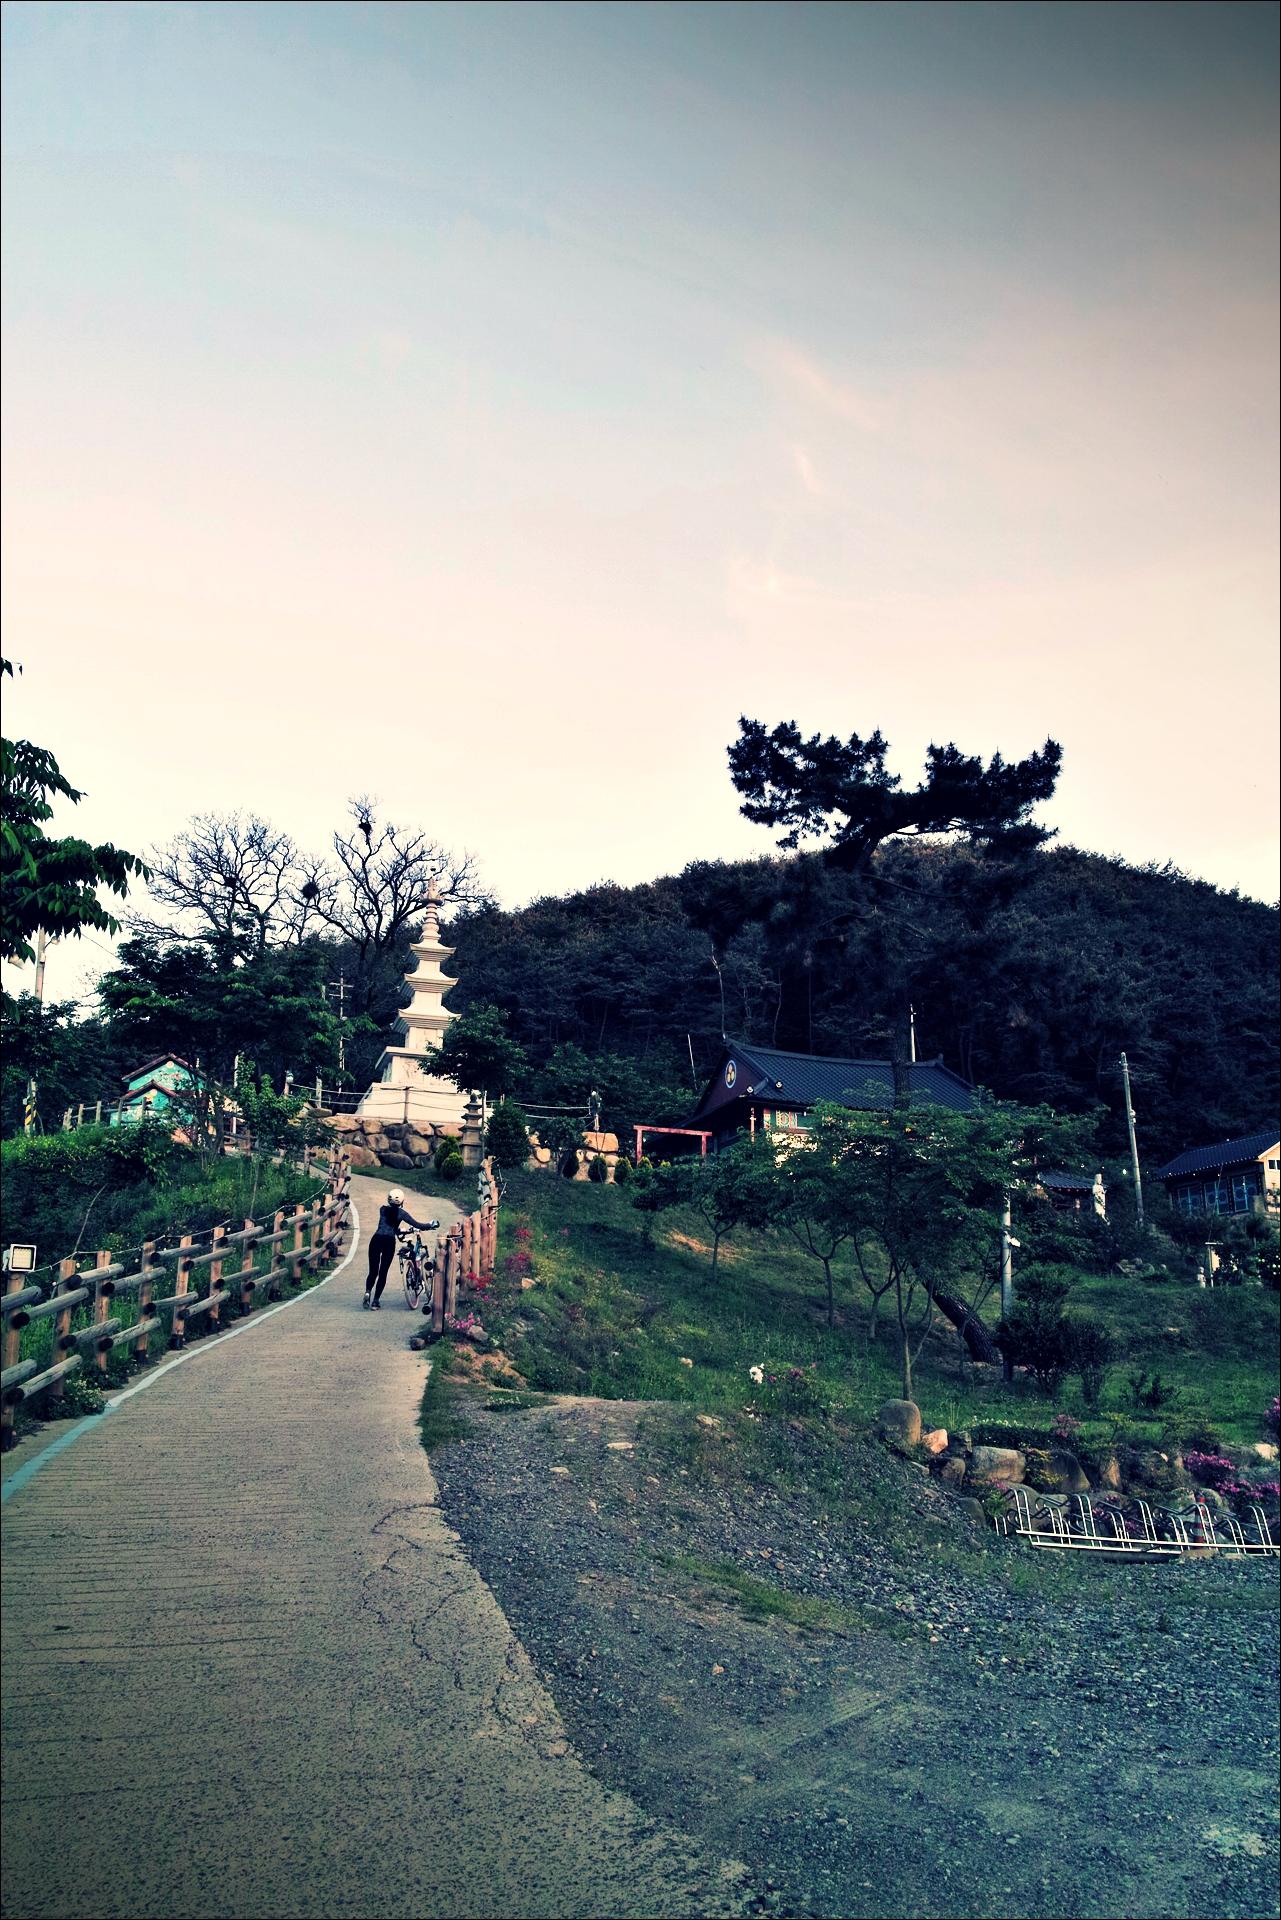 무심사 언덕-'낙동강 자전거 종주여행'